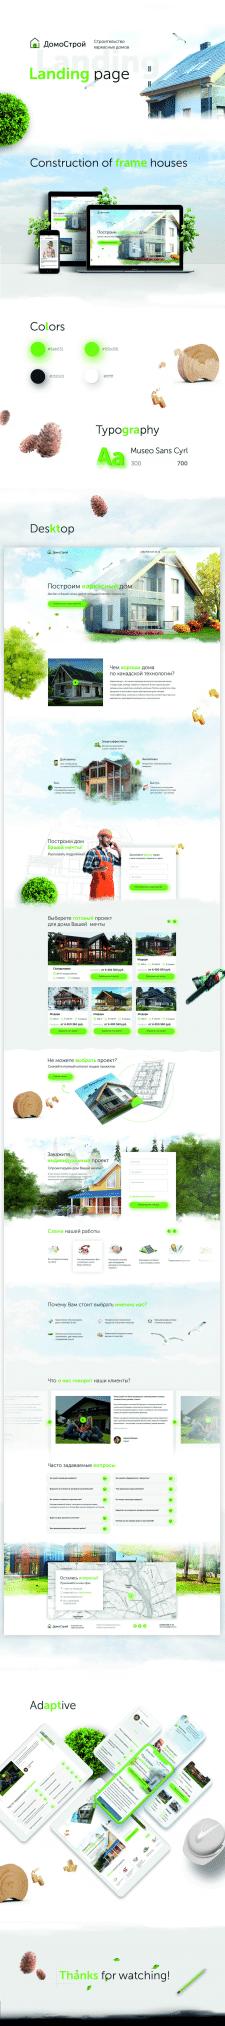 Лендинг пейдж по строительству каркасных домов